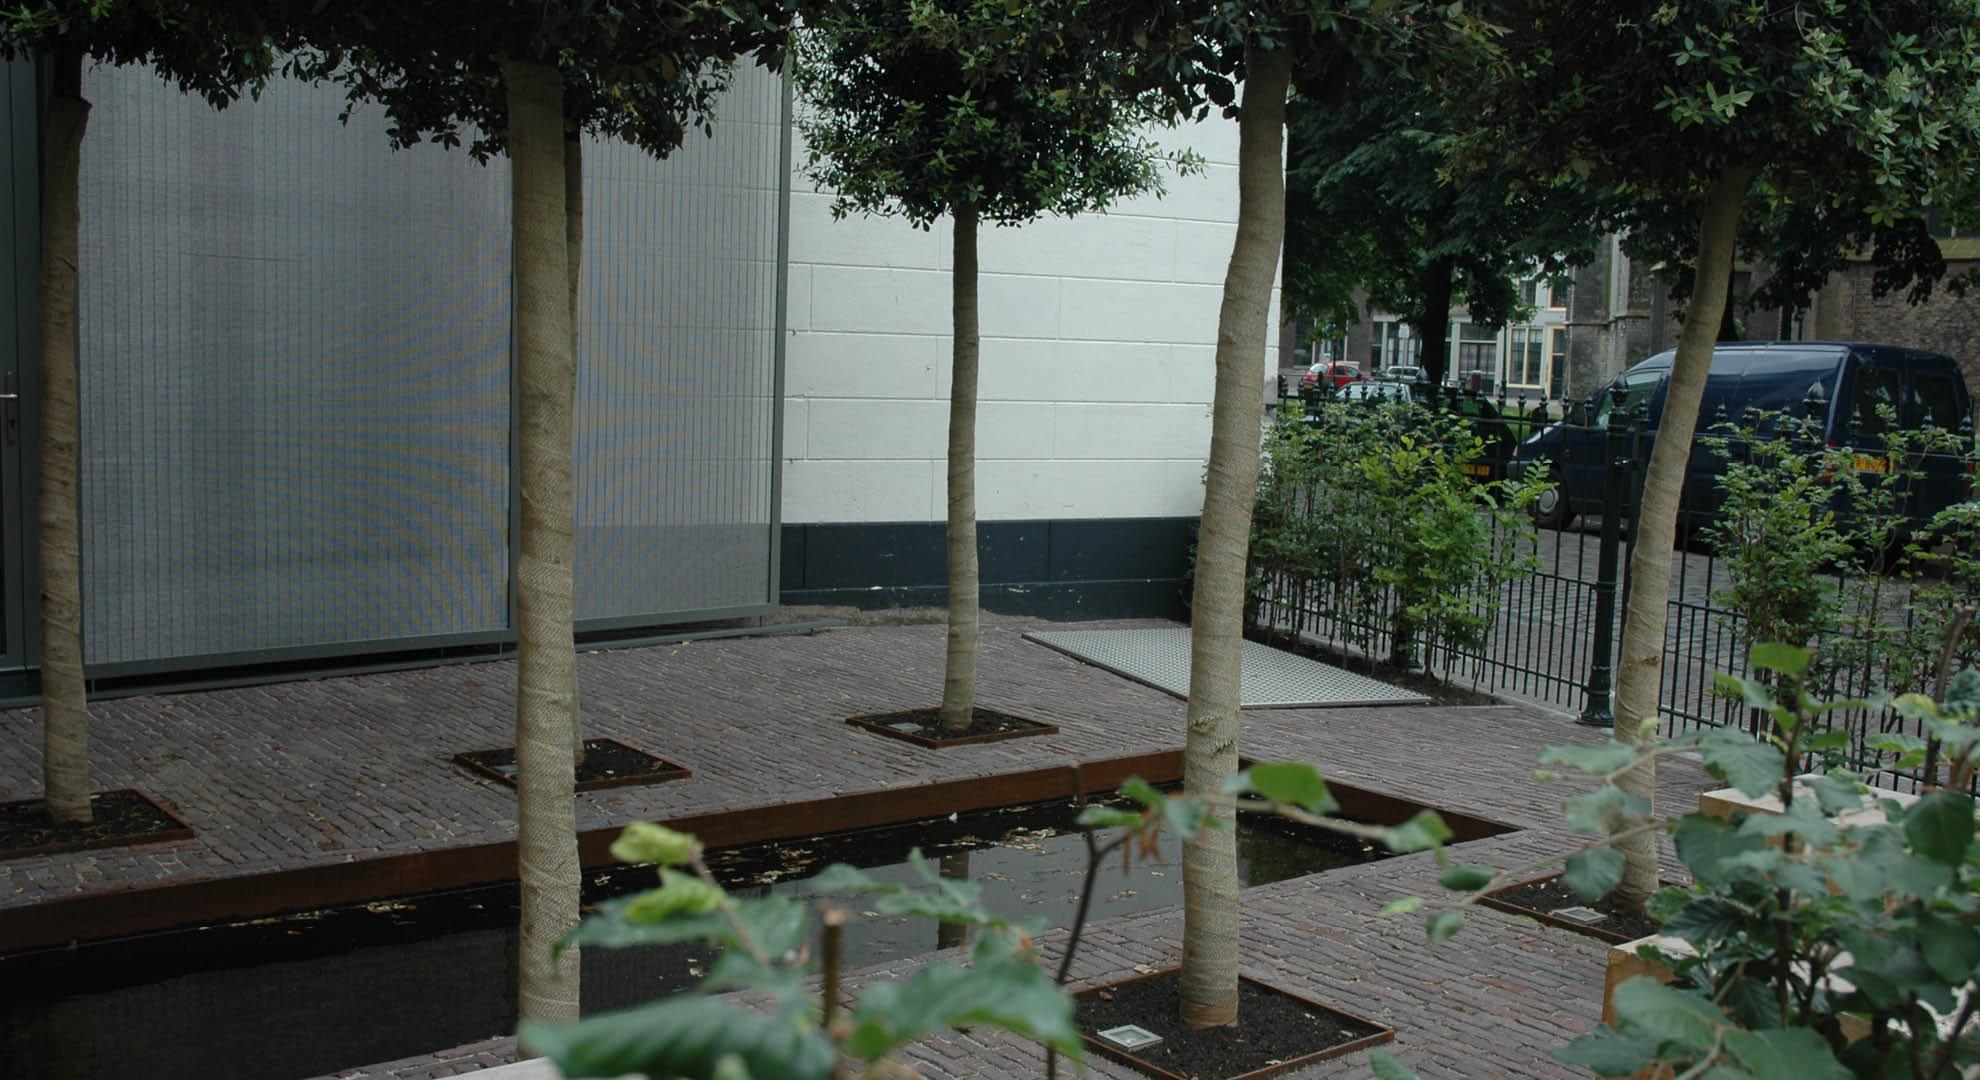 Kantoortuin in Dordrecht - Foto 3